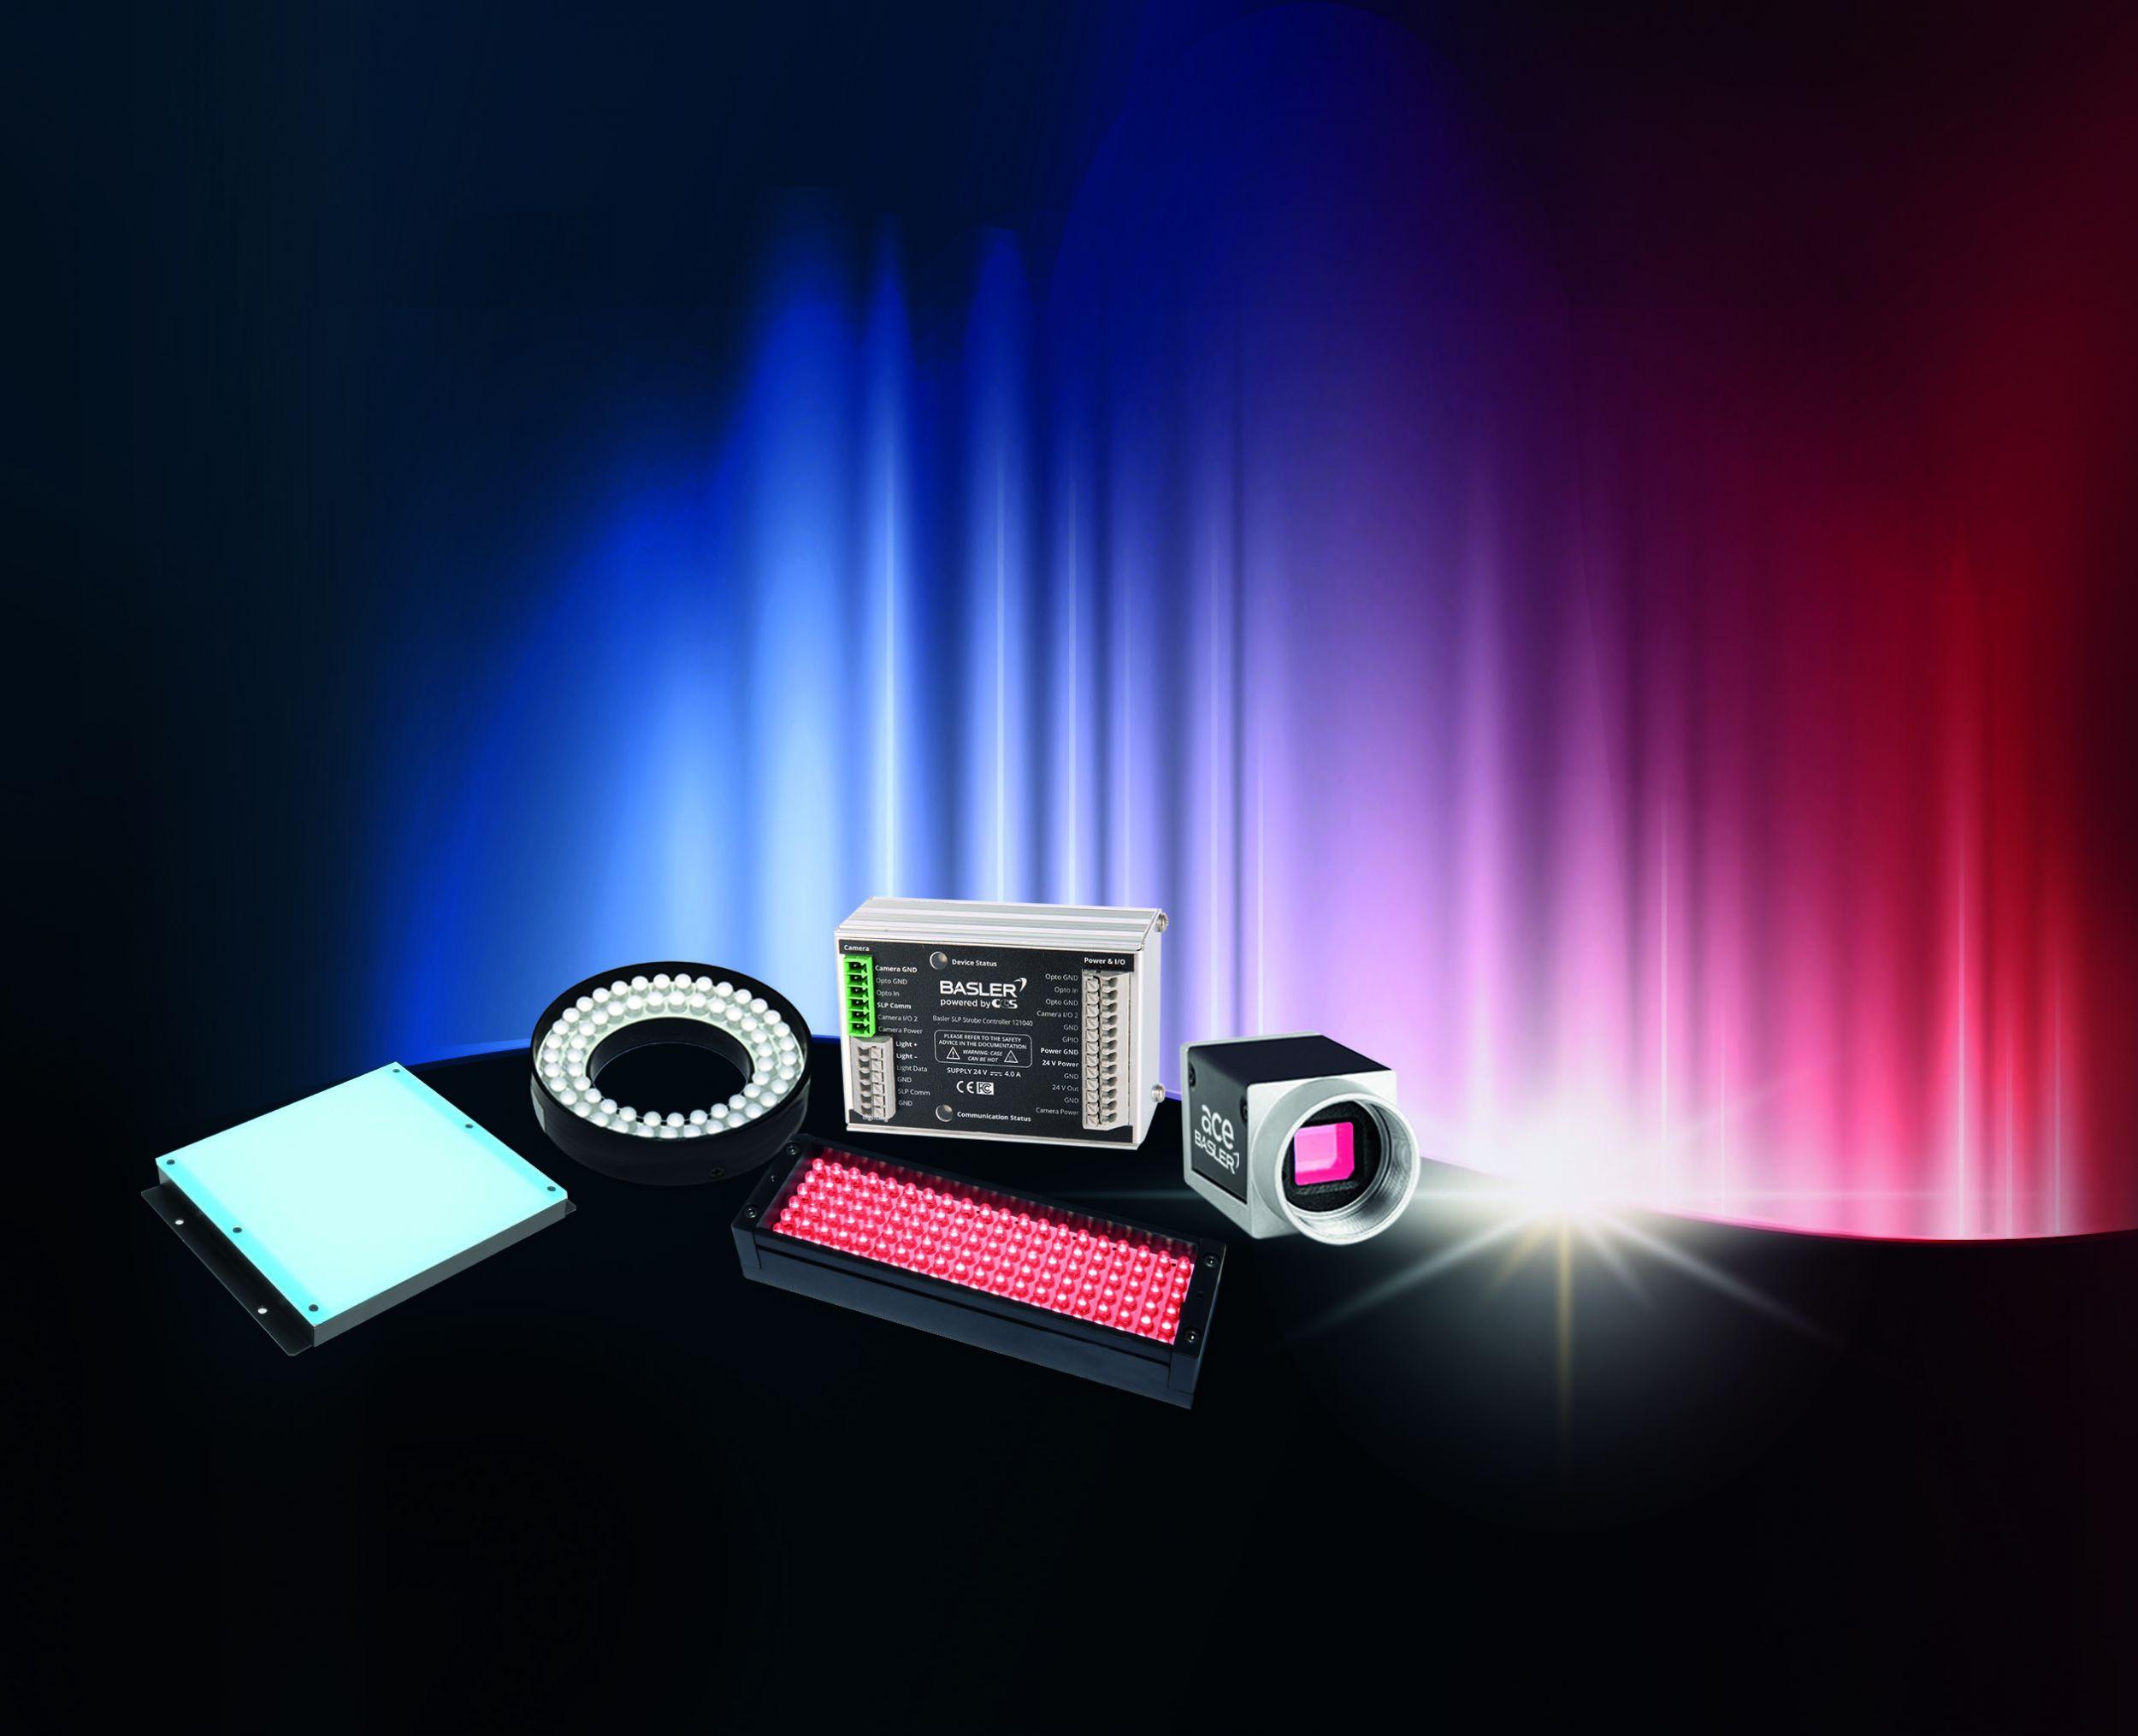 Das neue SLP-Feature ermöglicht die direkte Kommunikation zwischen Kamera und Beleuchtung, basierend auf einem von Basler entwickelten Protokoll. (Bild: Basler AG)